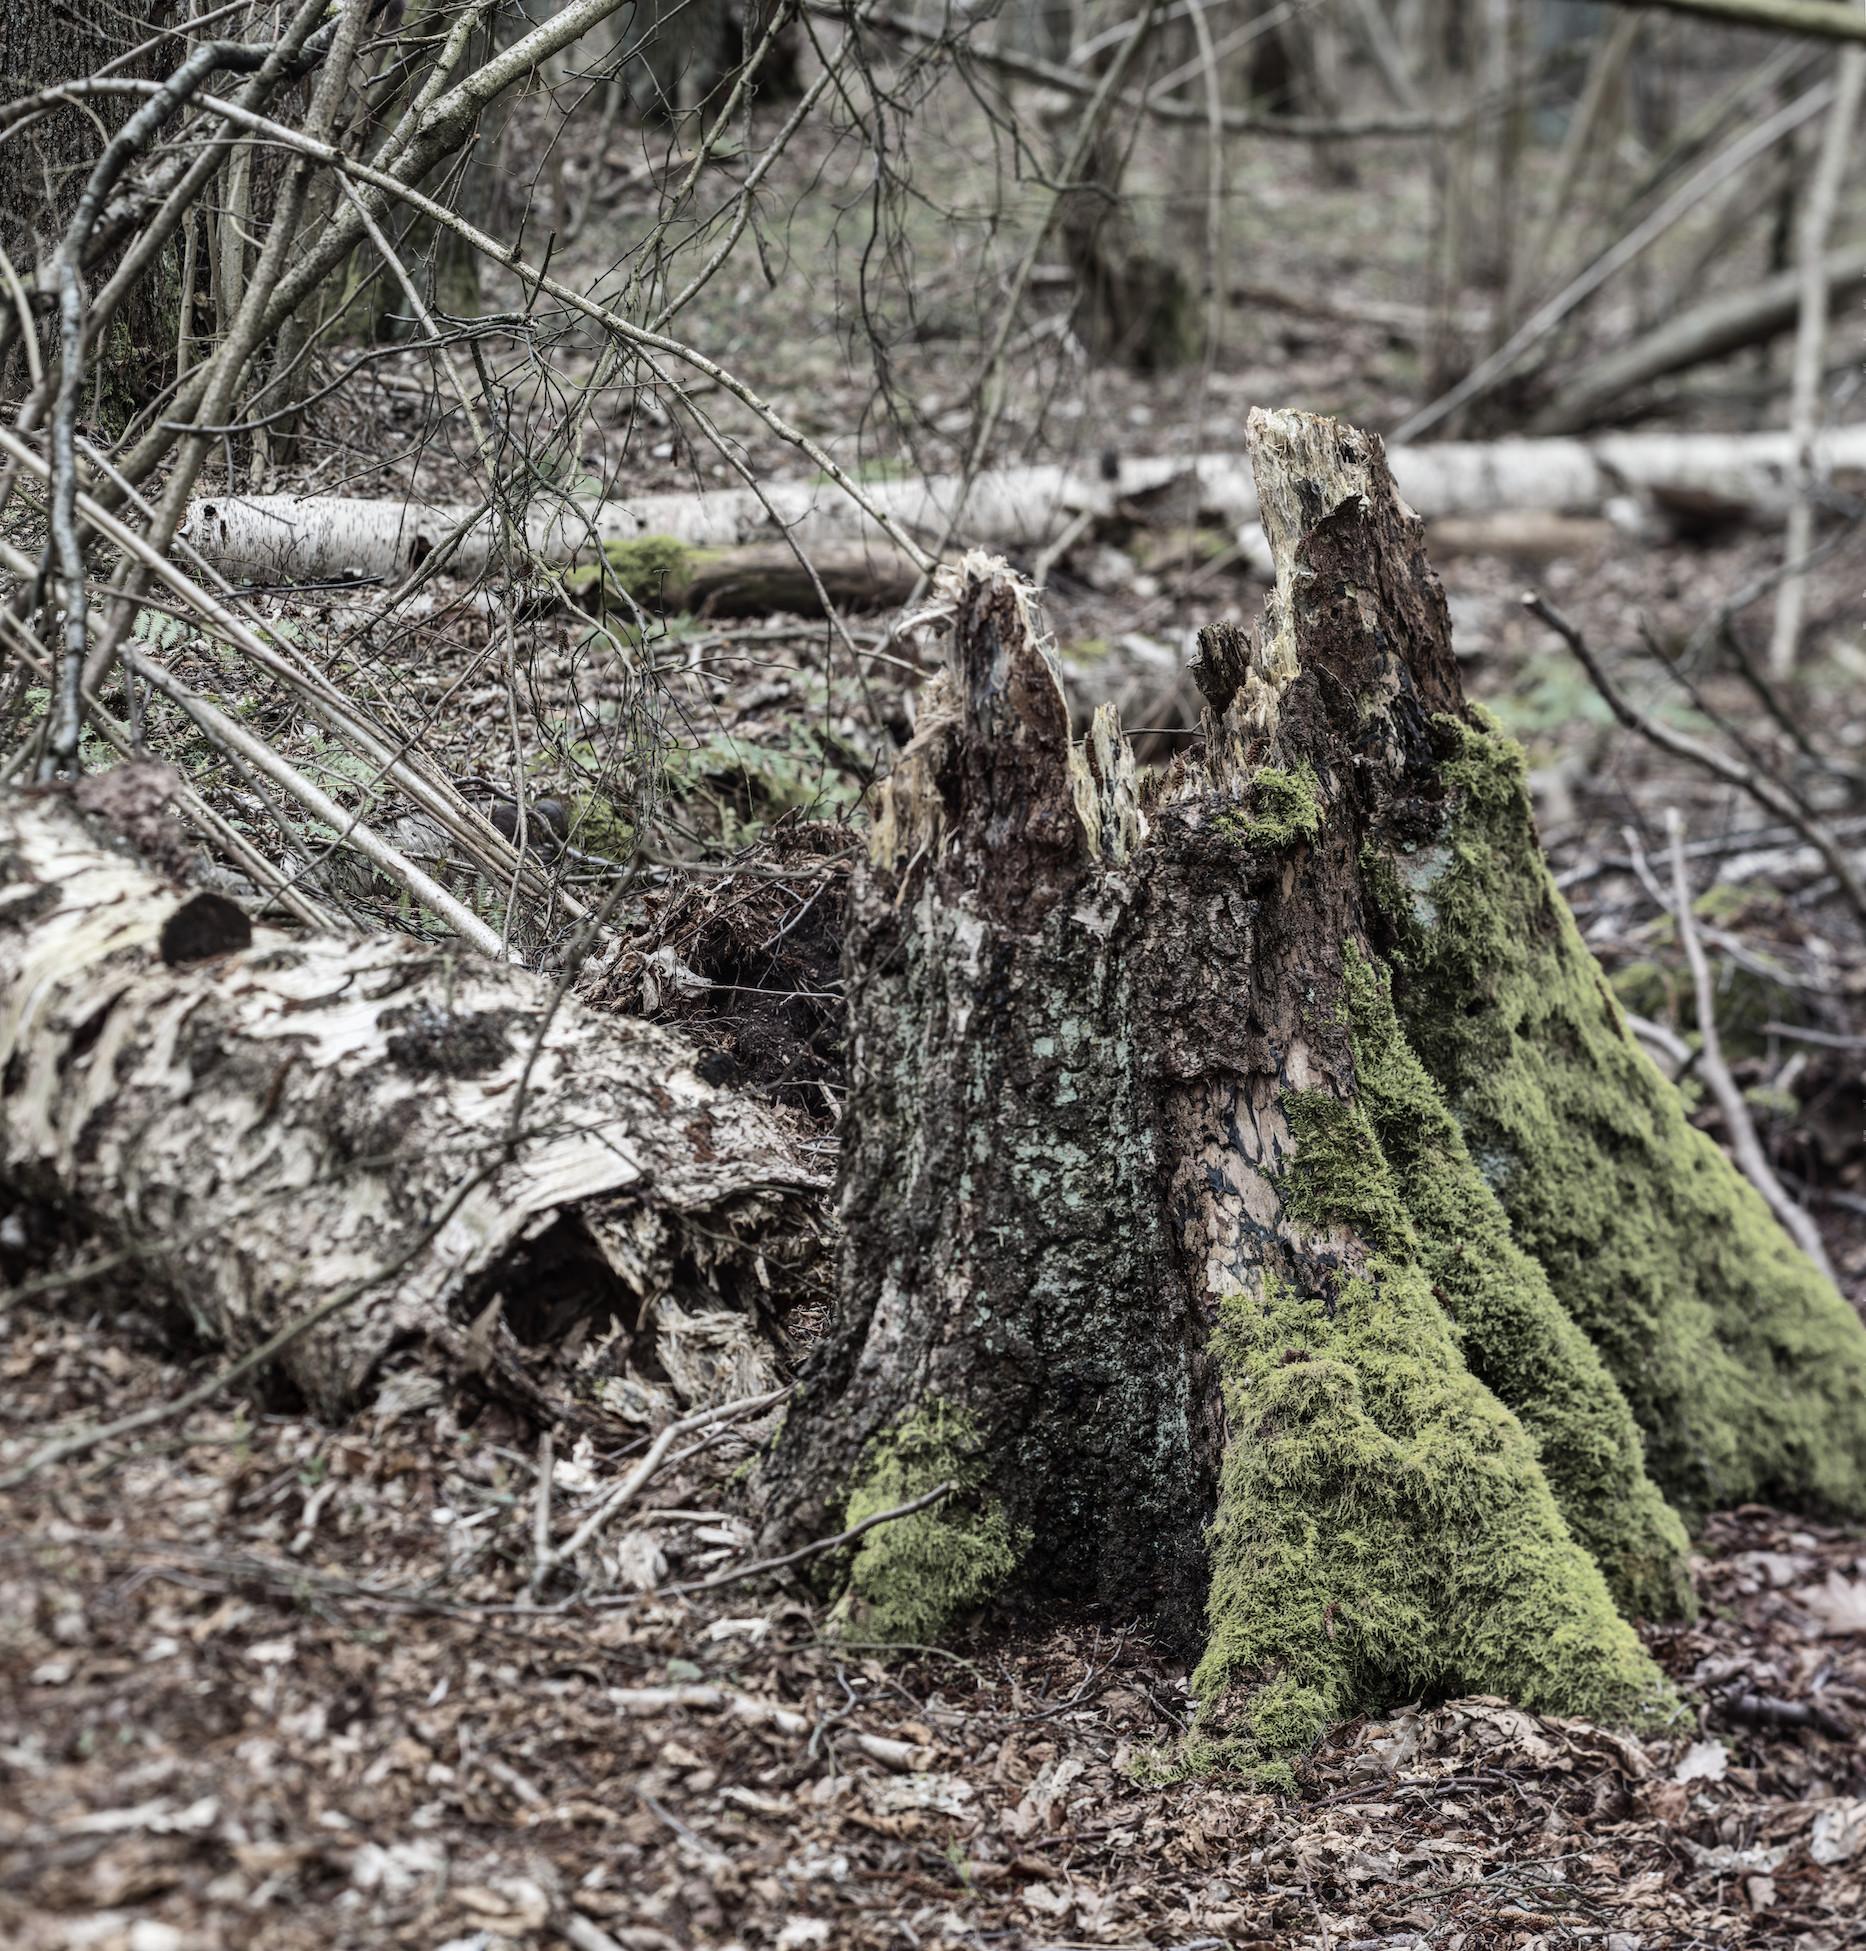 Birkenstubben mit dem Stamm noch dahinter liegend